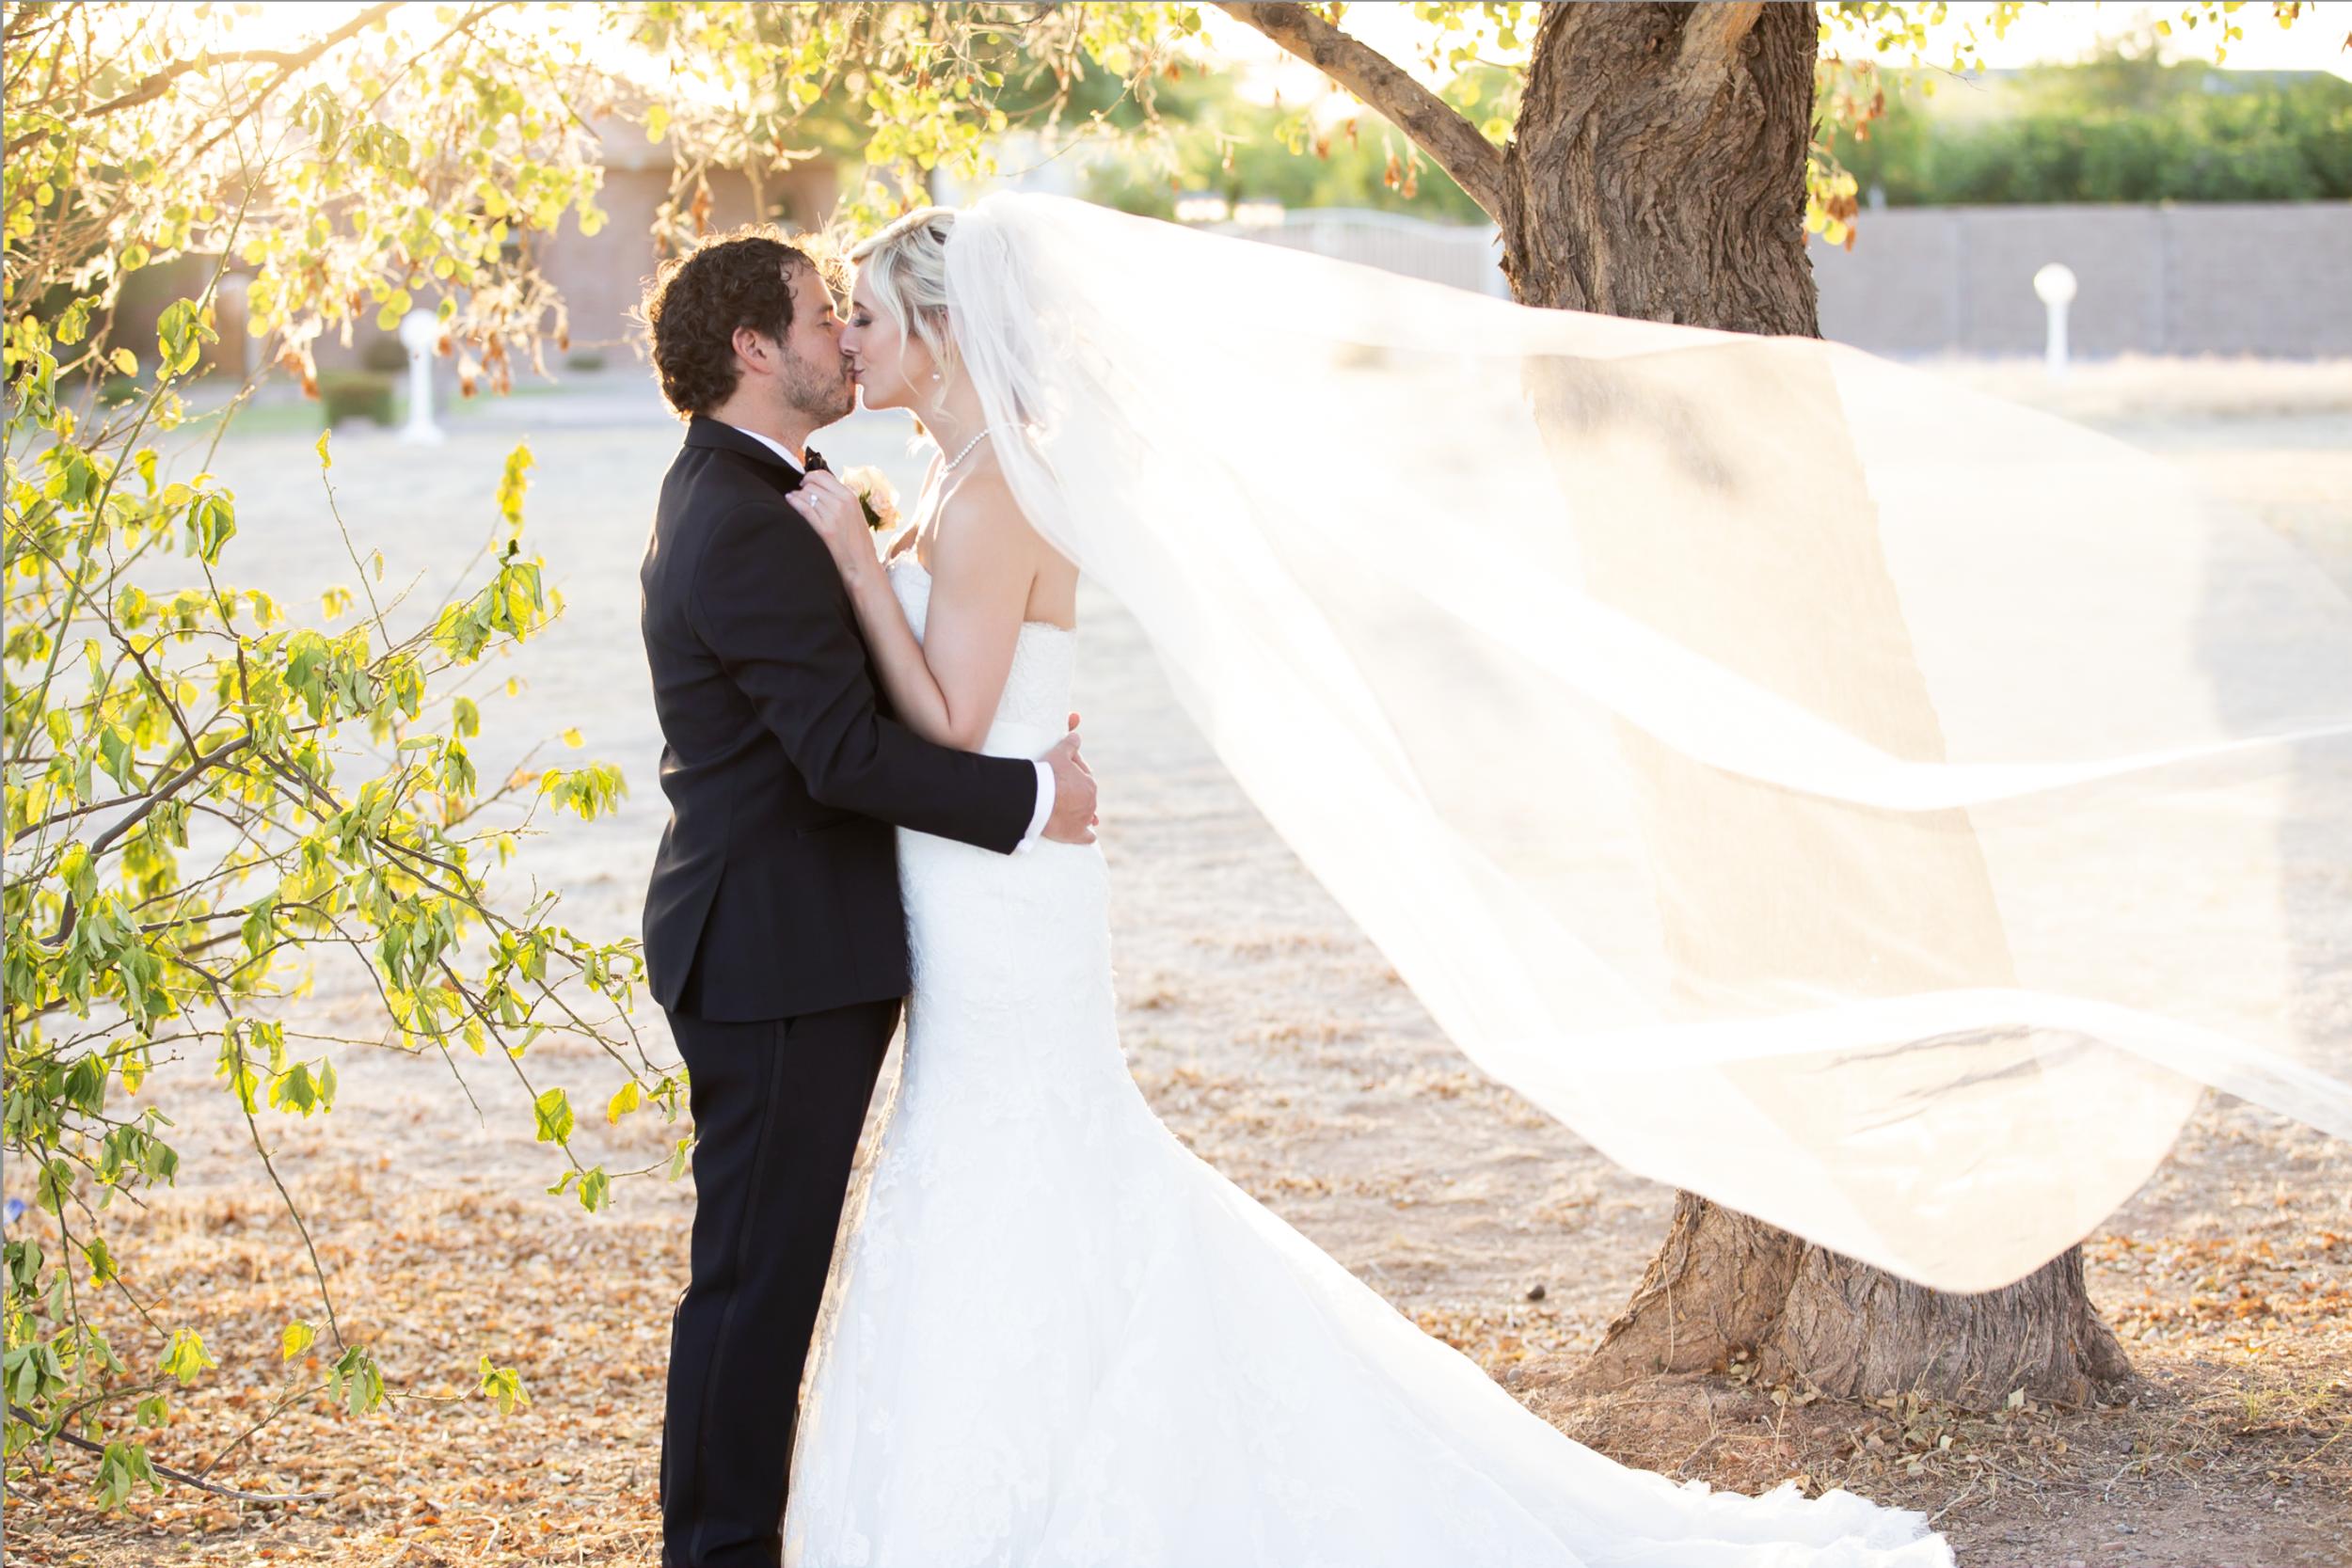 DavidOrrPhotography_Wedgewood-Lindsaygrove_Wedding-11.png